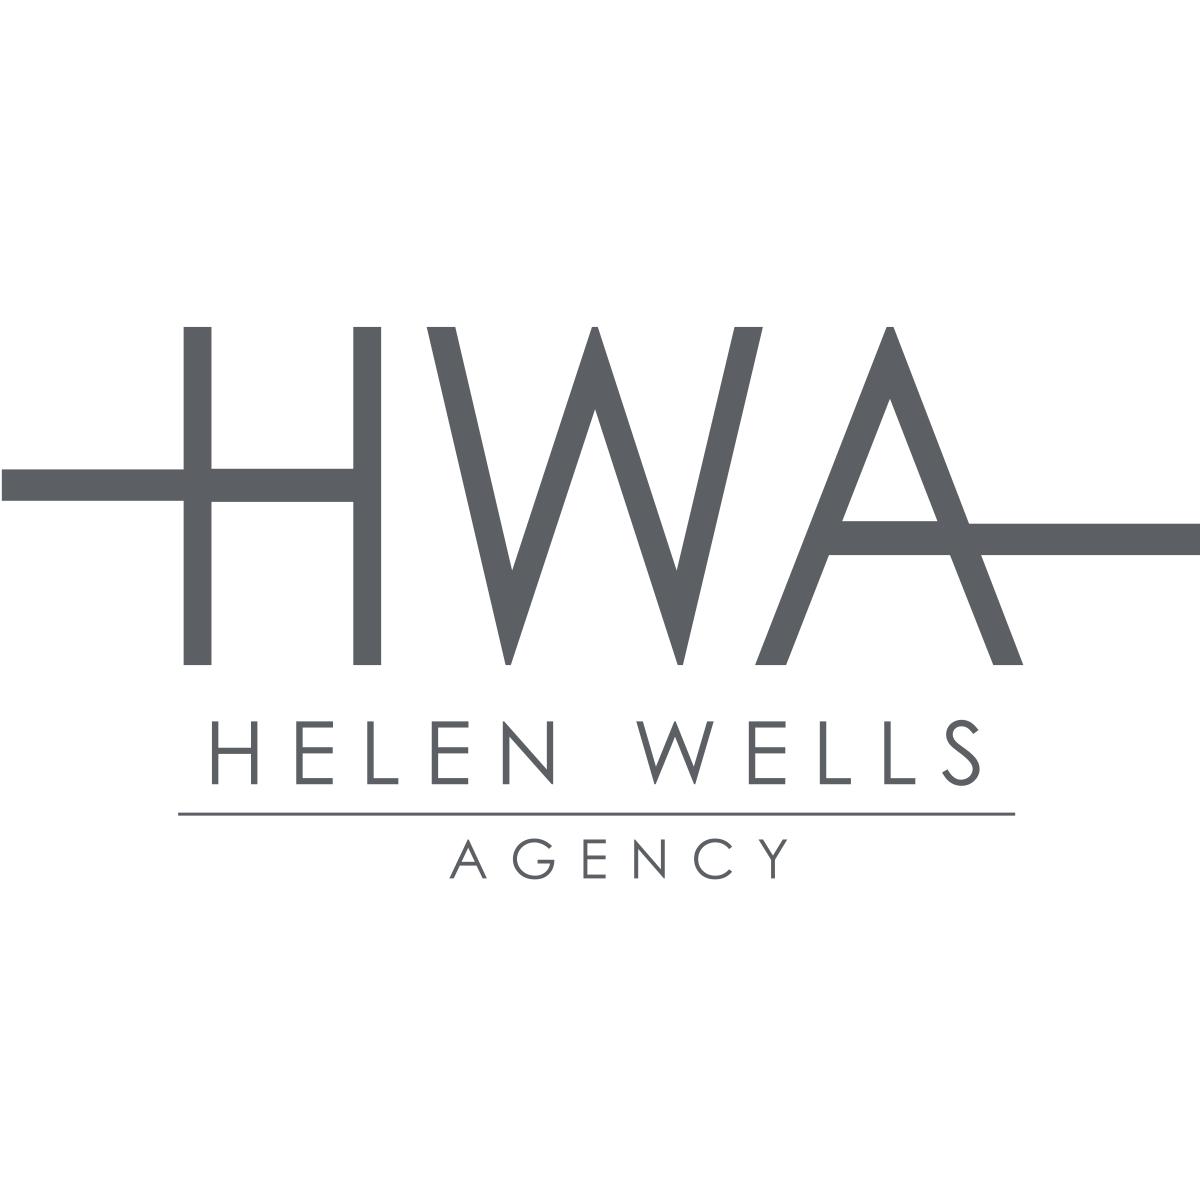 Helen Wells -  Top Nearby Promotional Model / Talent Agency Cincinnati OH